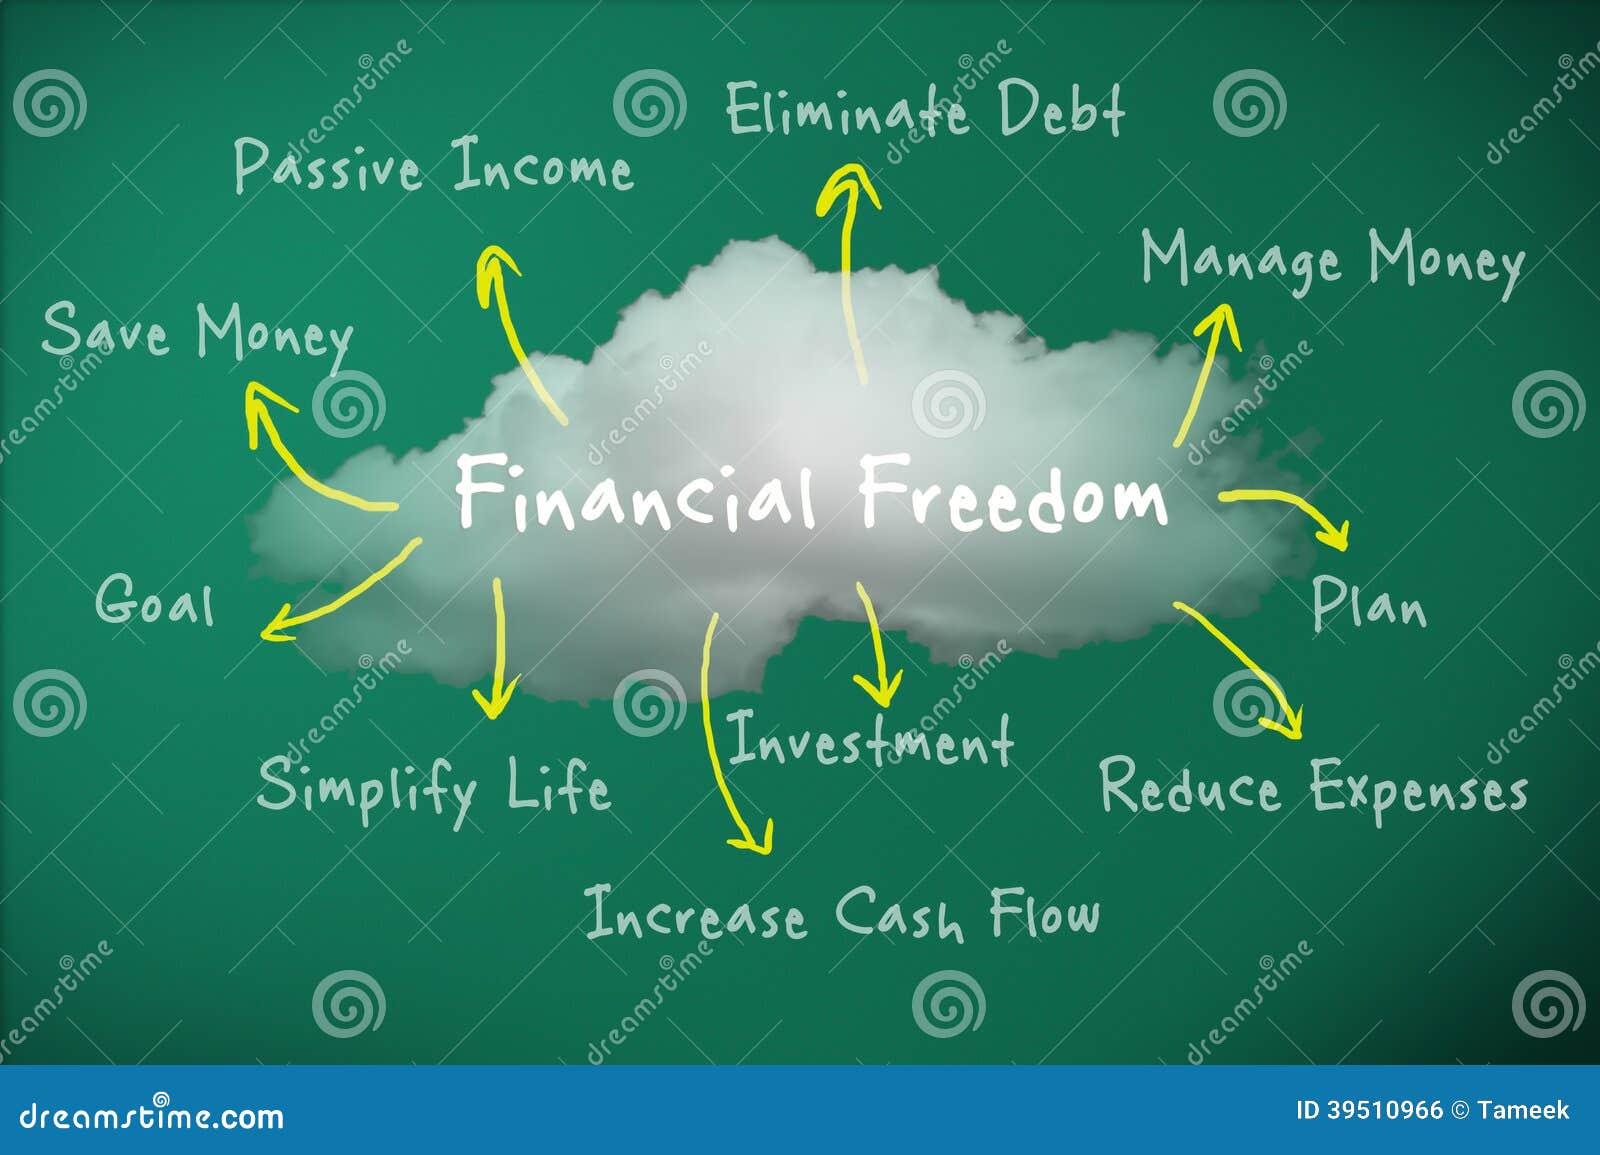 financial freedom stock photo  image of profit  motivation